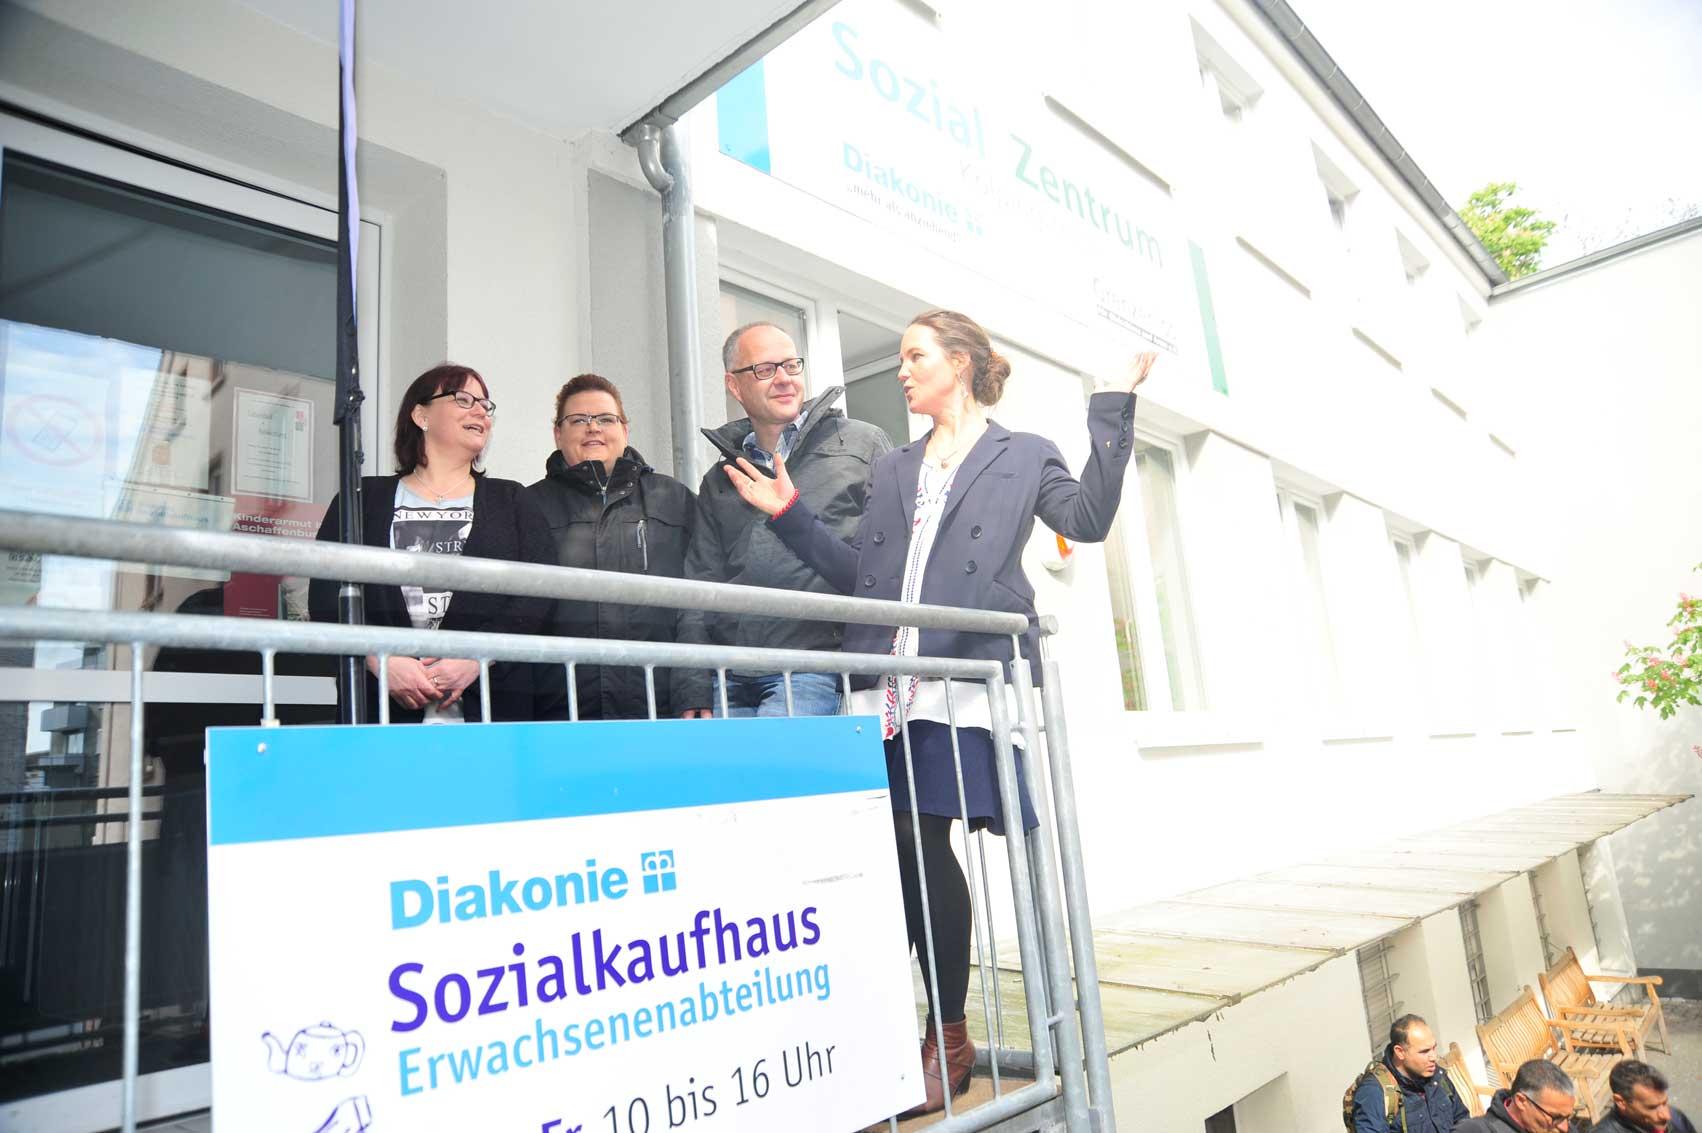 Sozialkaufhaus02